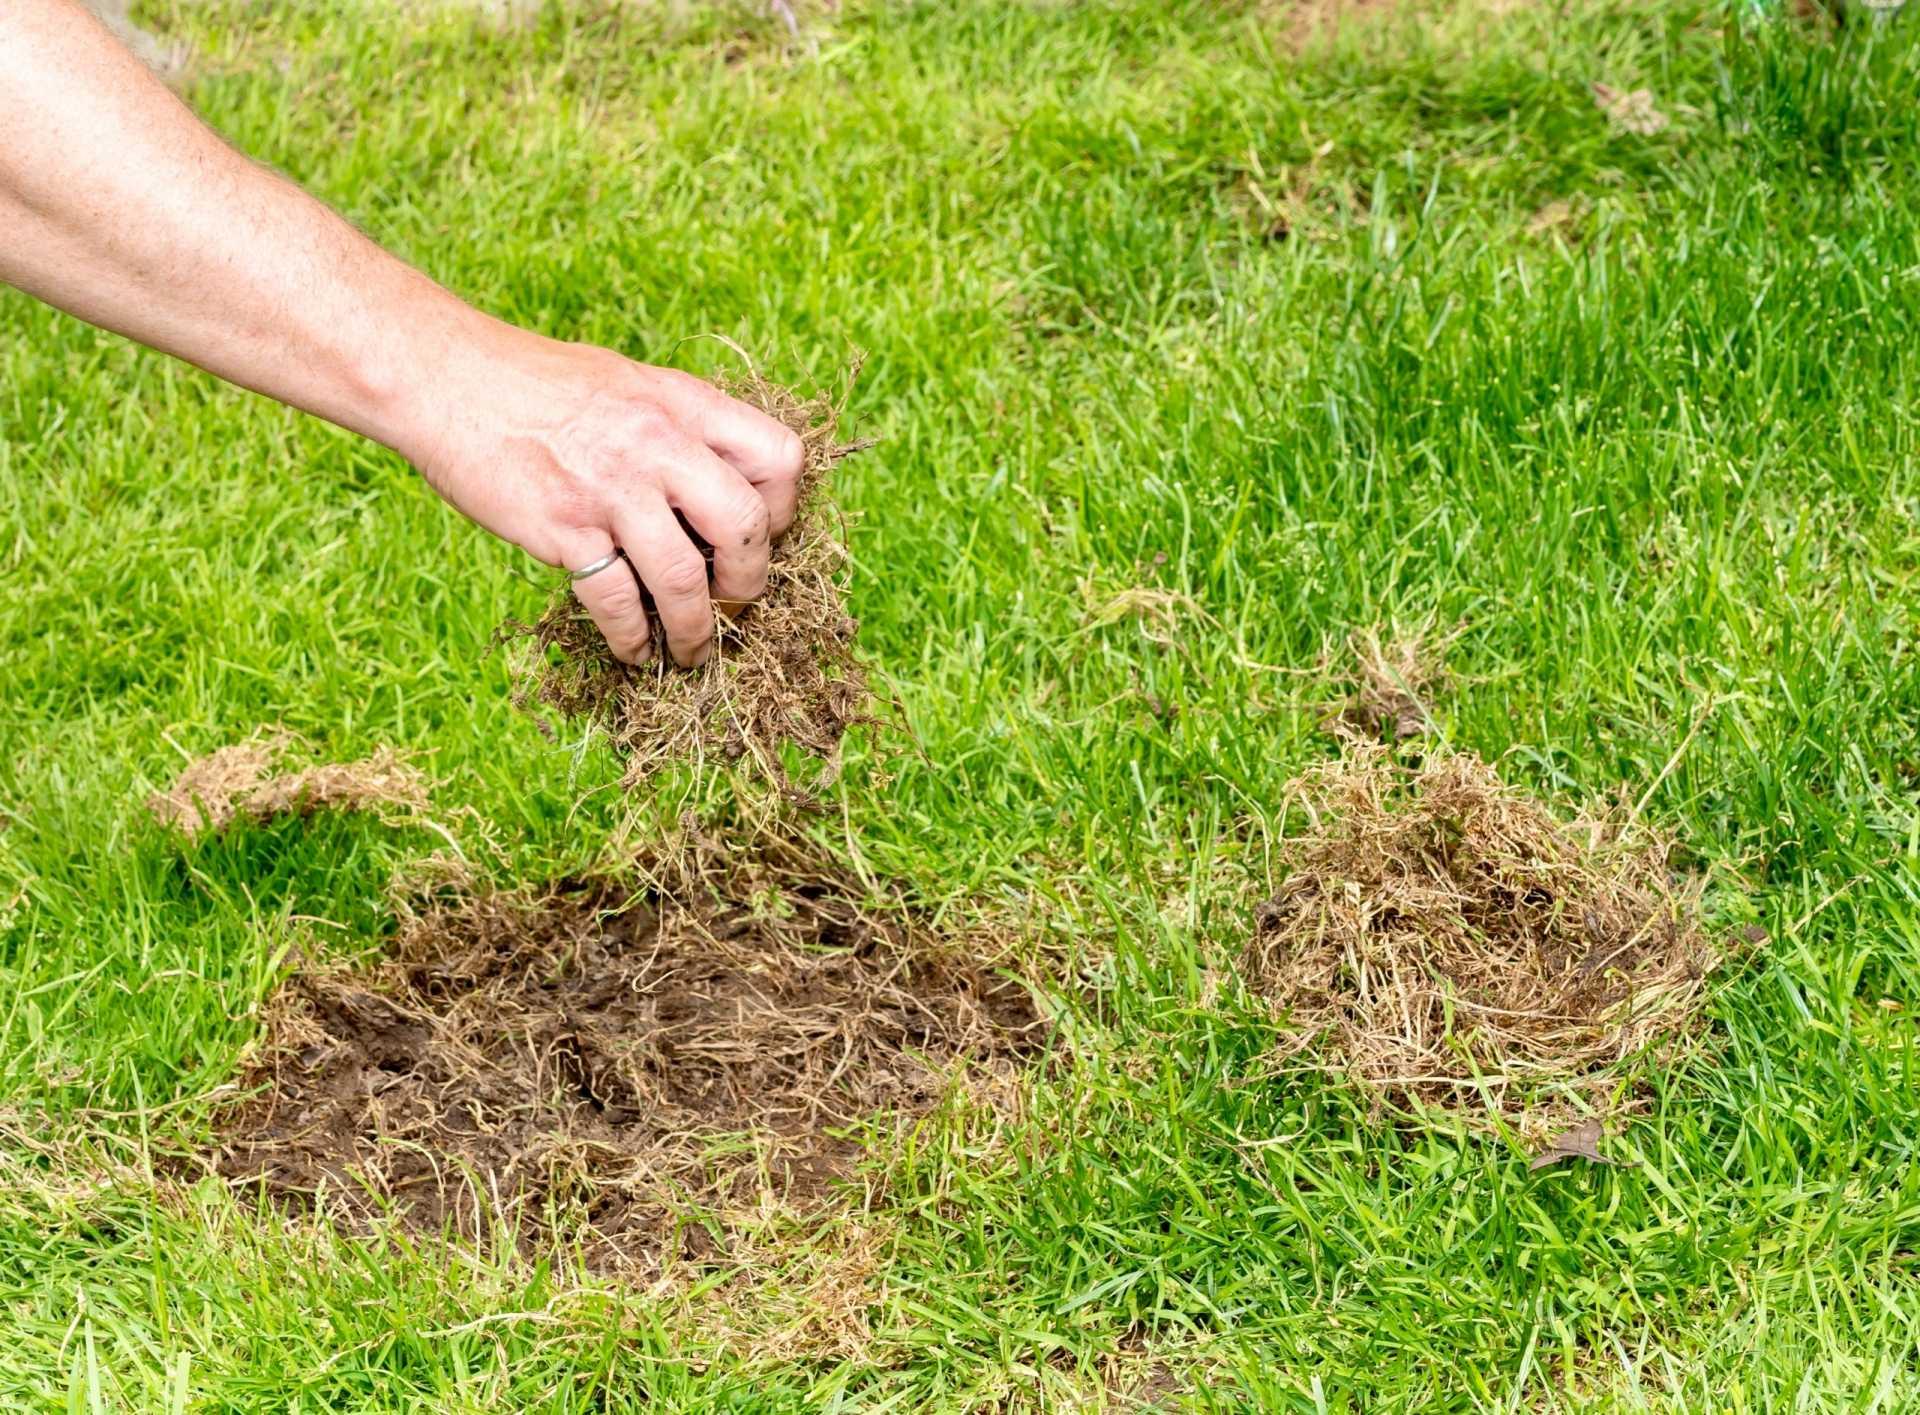 Löcher im Rasen – Ursachen und wie diese vermieden werden können